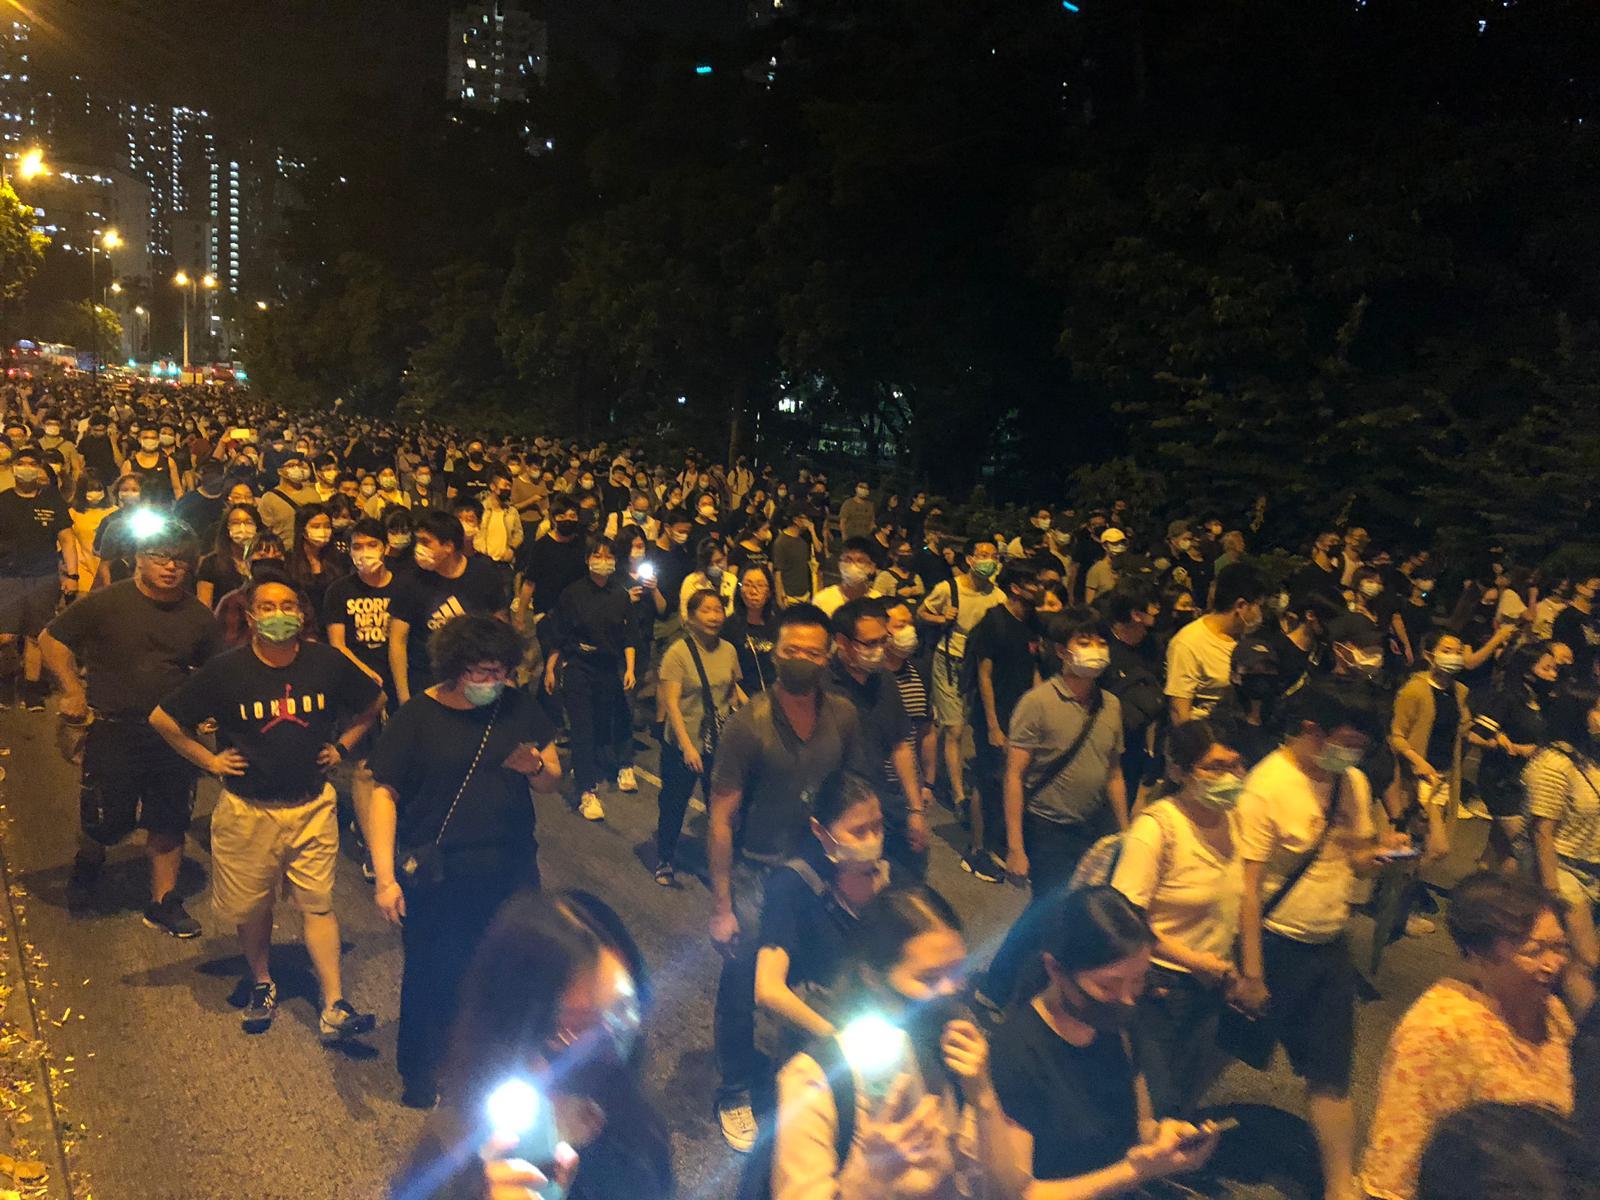 【修例风波】示威者大埔大元邨焚烧国旗 民建联区议员郑俊平办事处被破坏